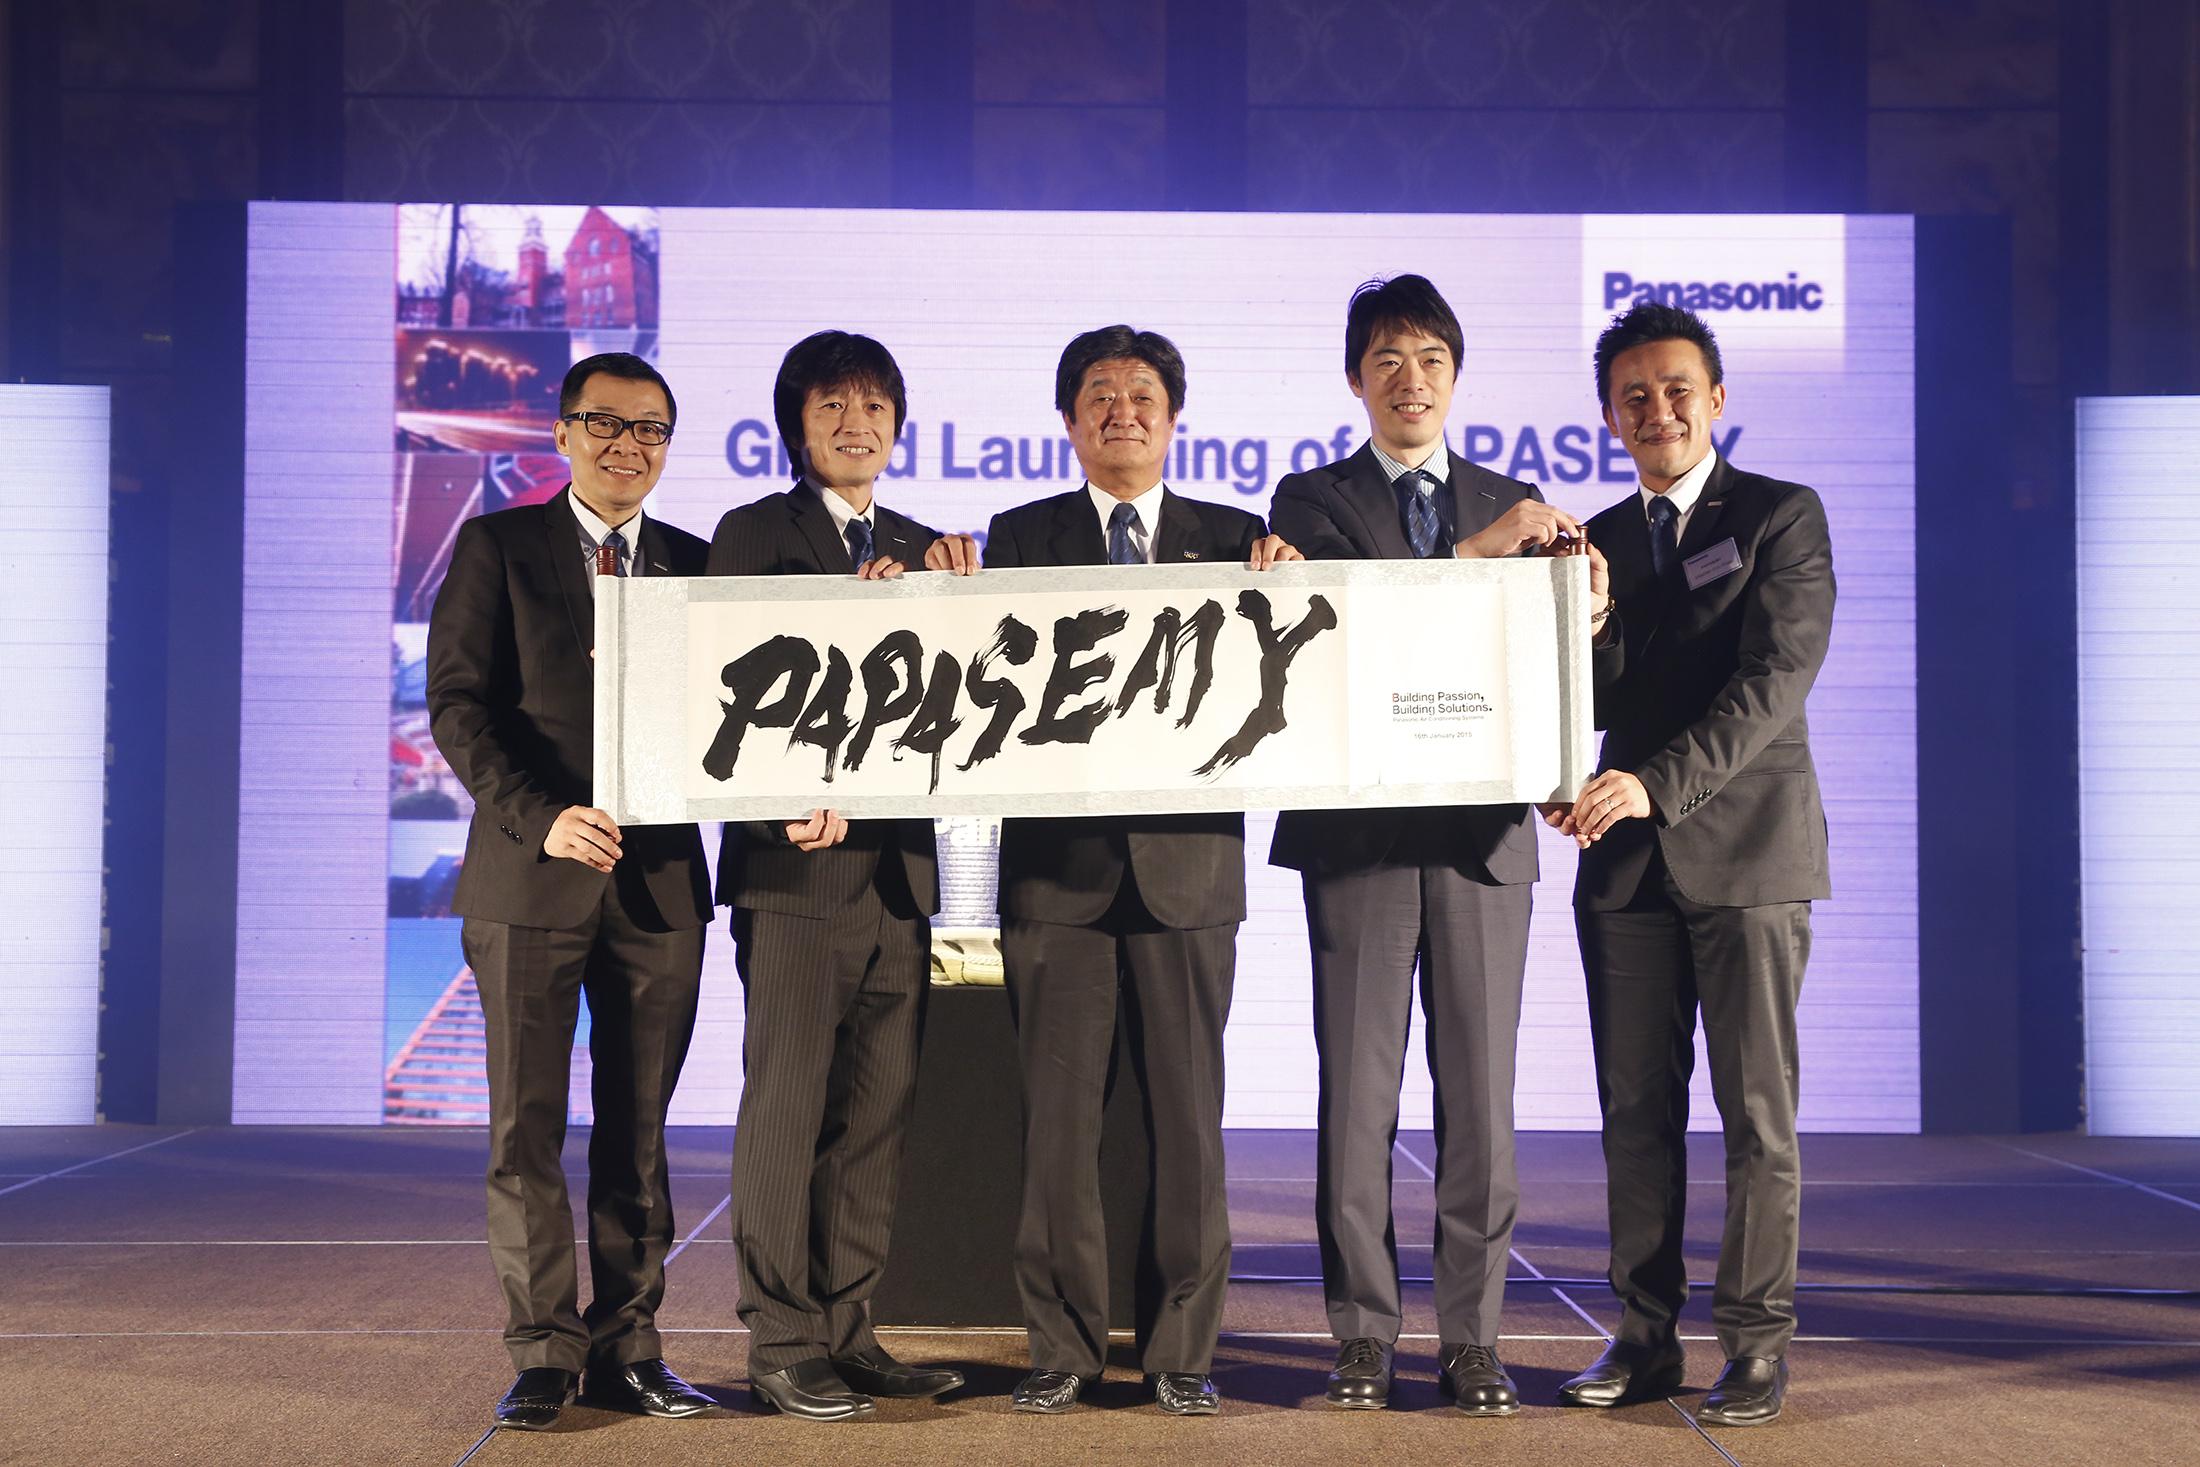 パナソニックアプライアンス エアコンディショニングシステムエンジニアリング マレーシア社設立(1)